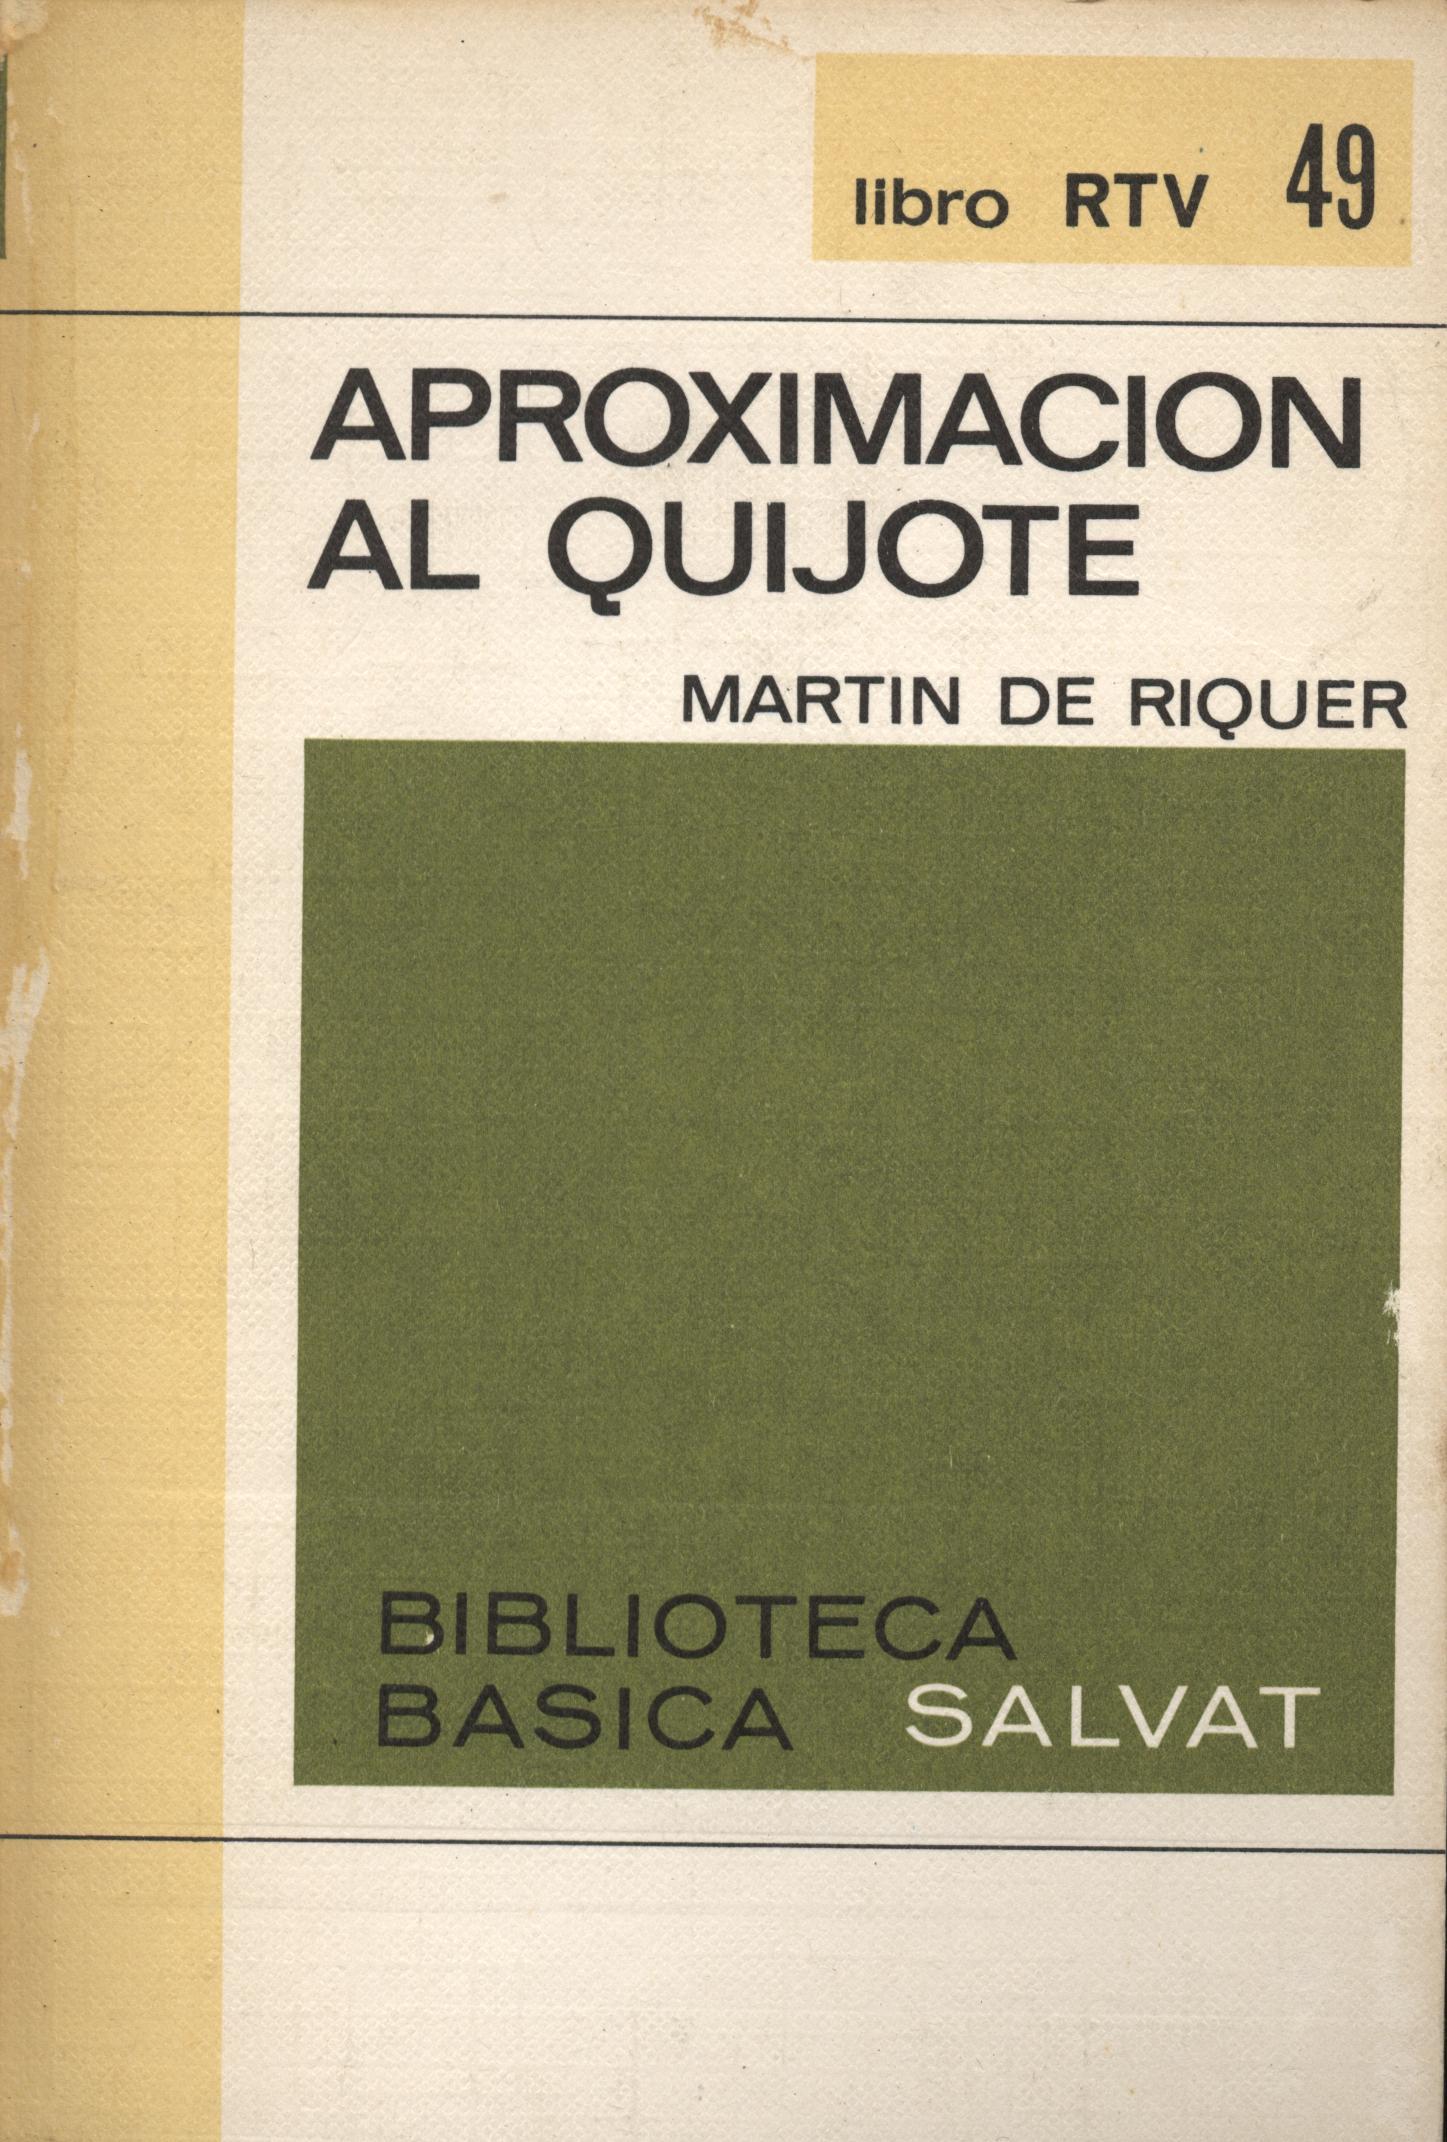 Aproximación al quijote - Martín de Riquer